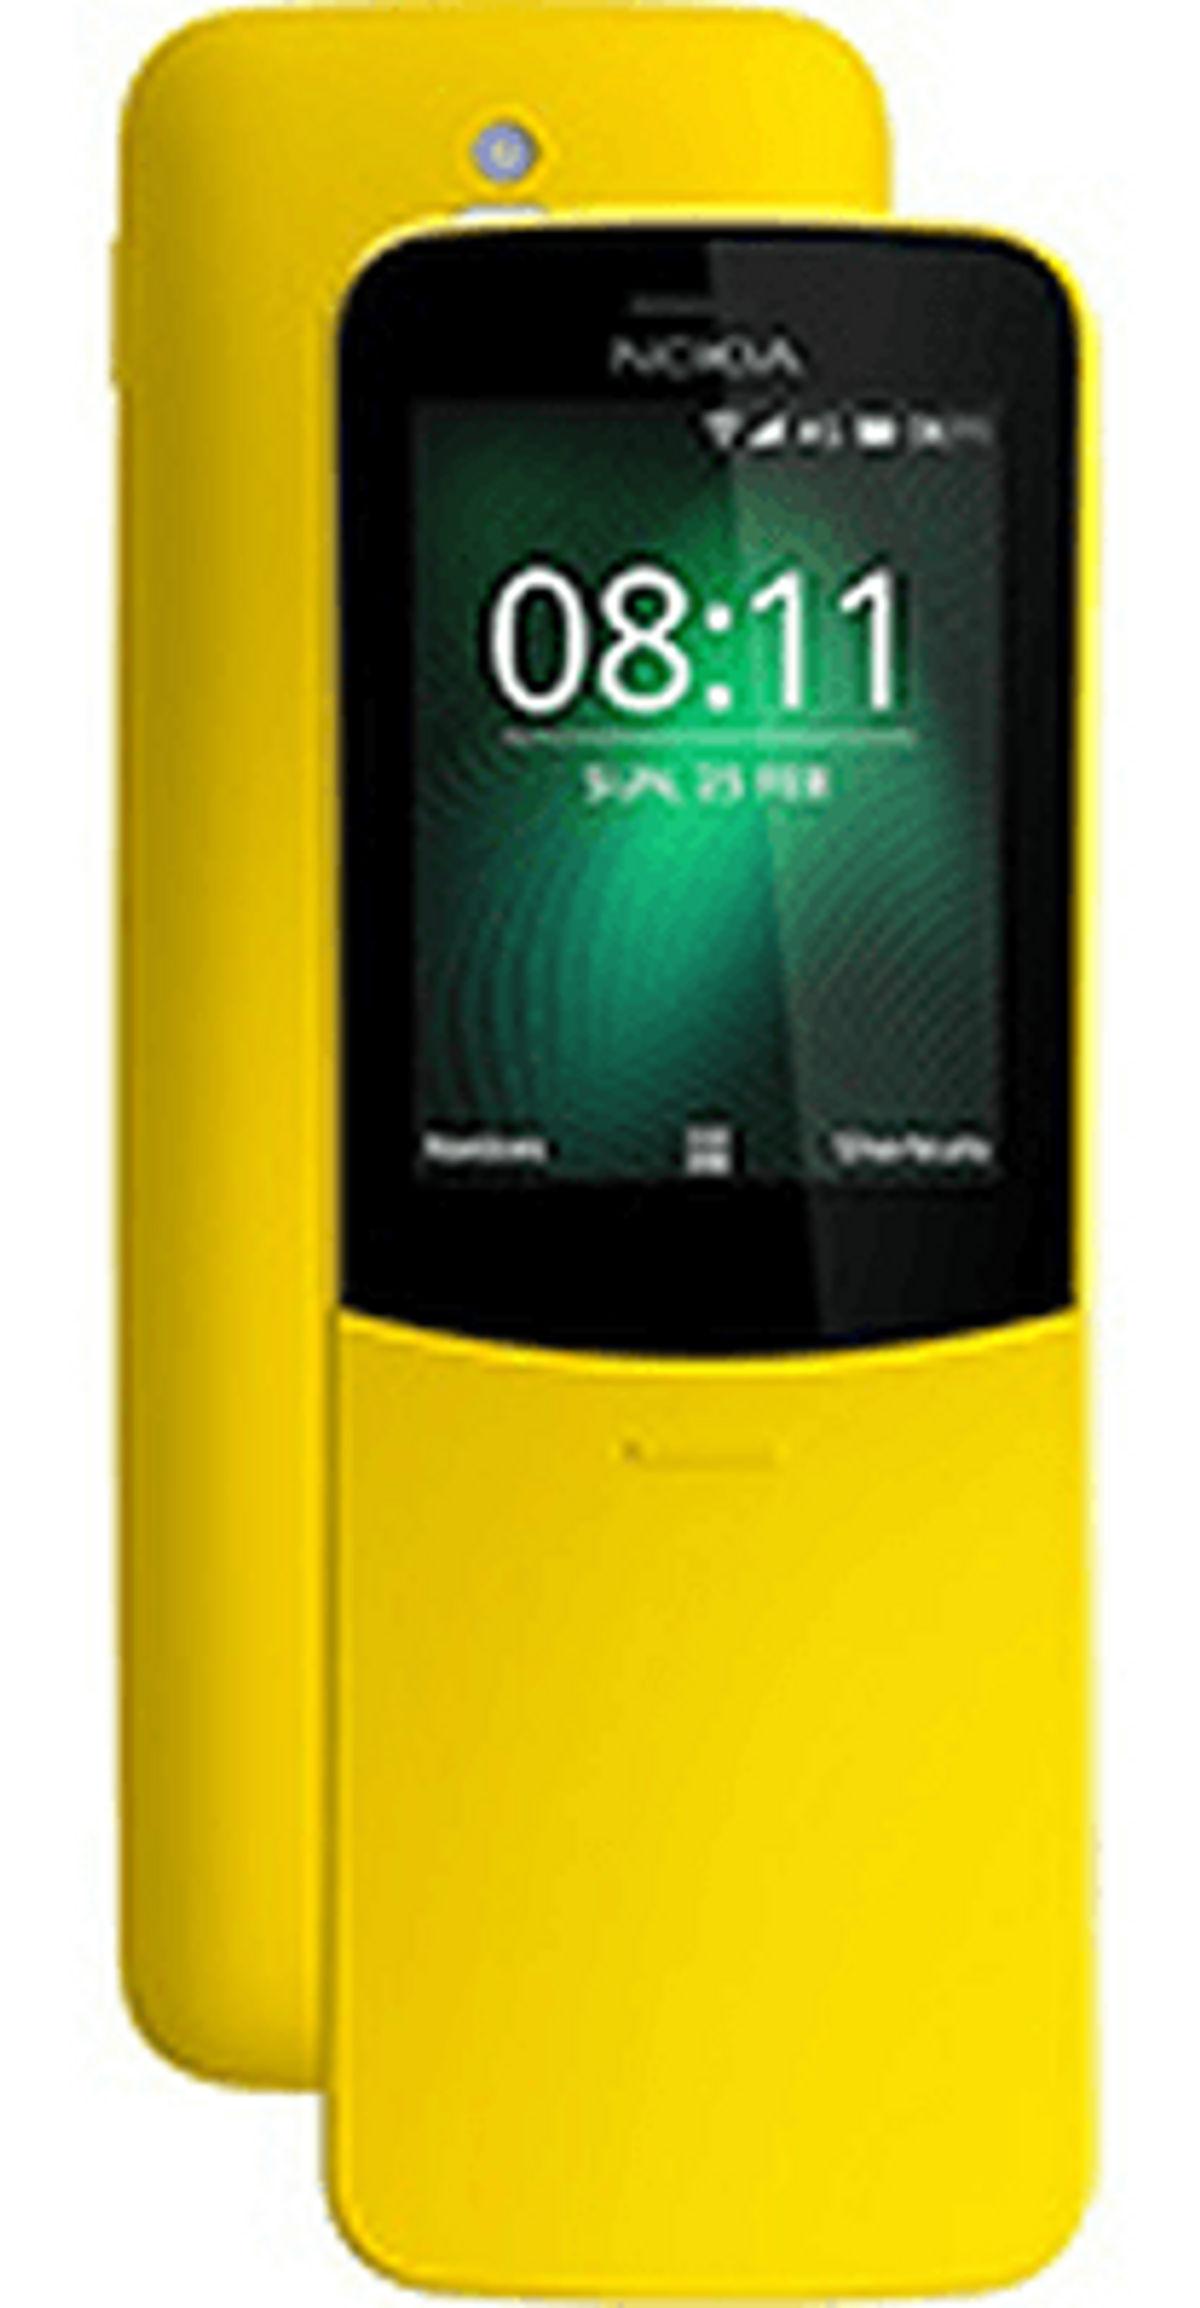 reputable site 22c02 f00d8 Best Waterproof Phones Under 6000 in August 2019   Digit.in